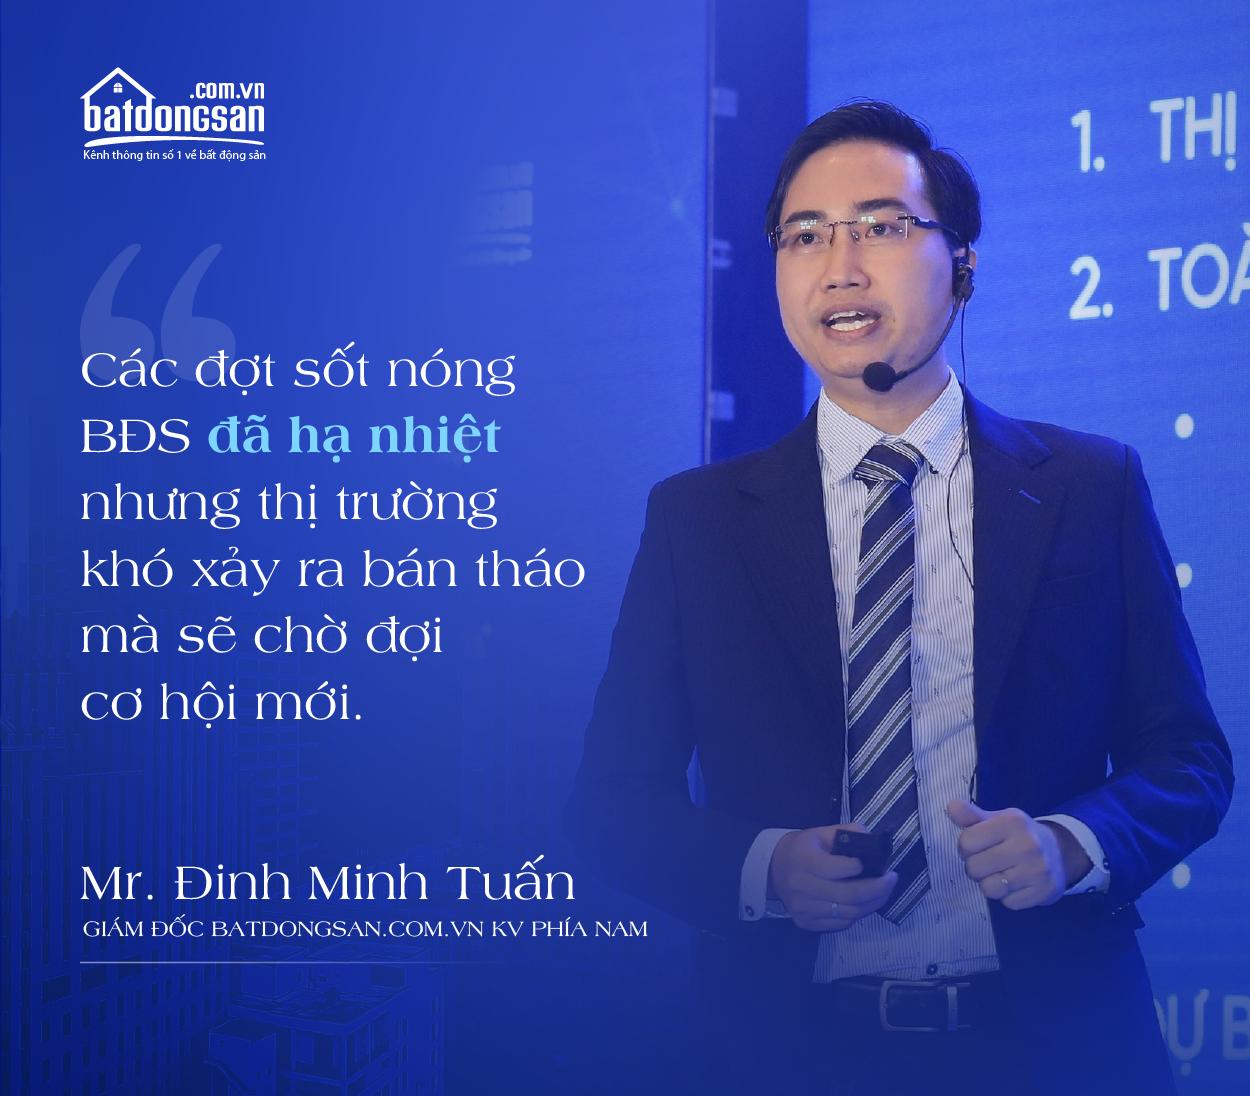 Chân dung ông Đinh Minh Tuấn Giám đốc Batdongsan.com.vn khu vực phía Nam